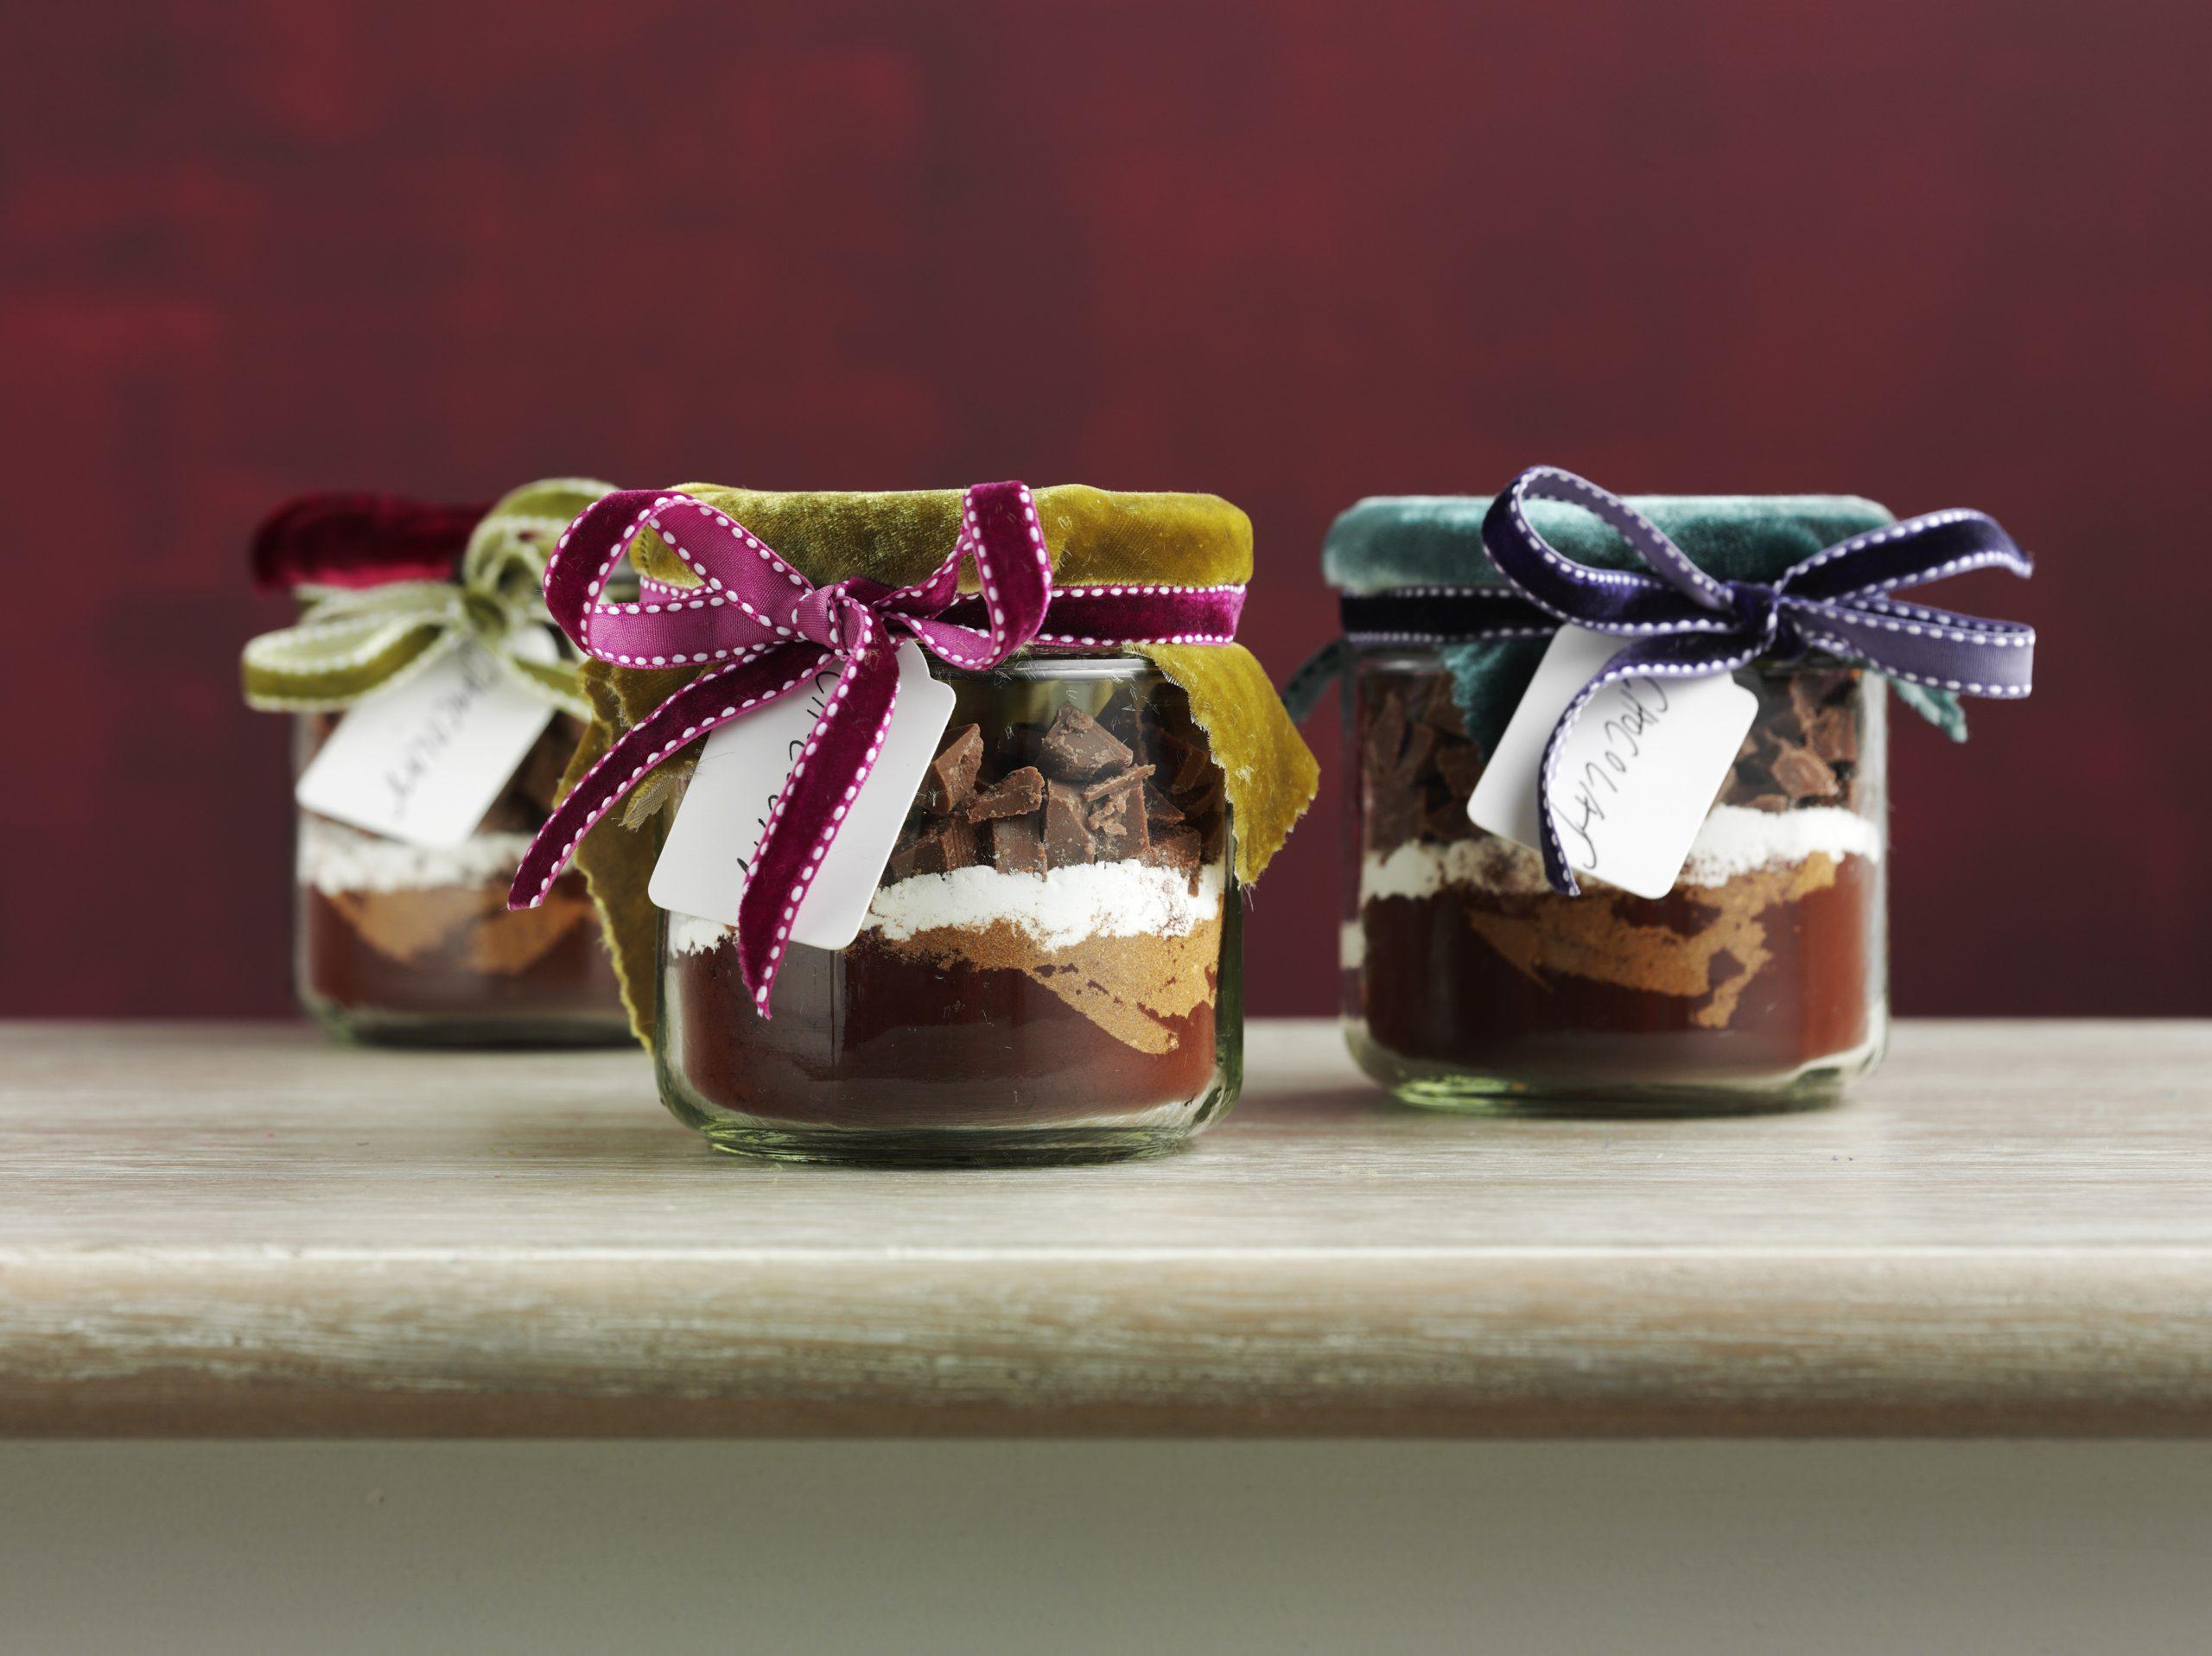 Heisse Schokolade mit Gewürzen (Mischung zum Schenken)